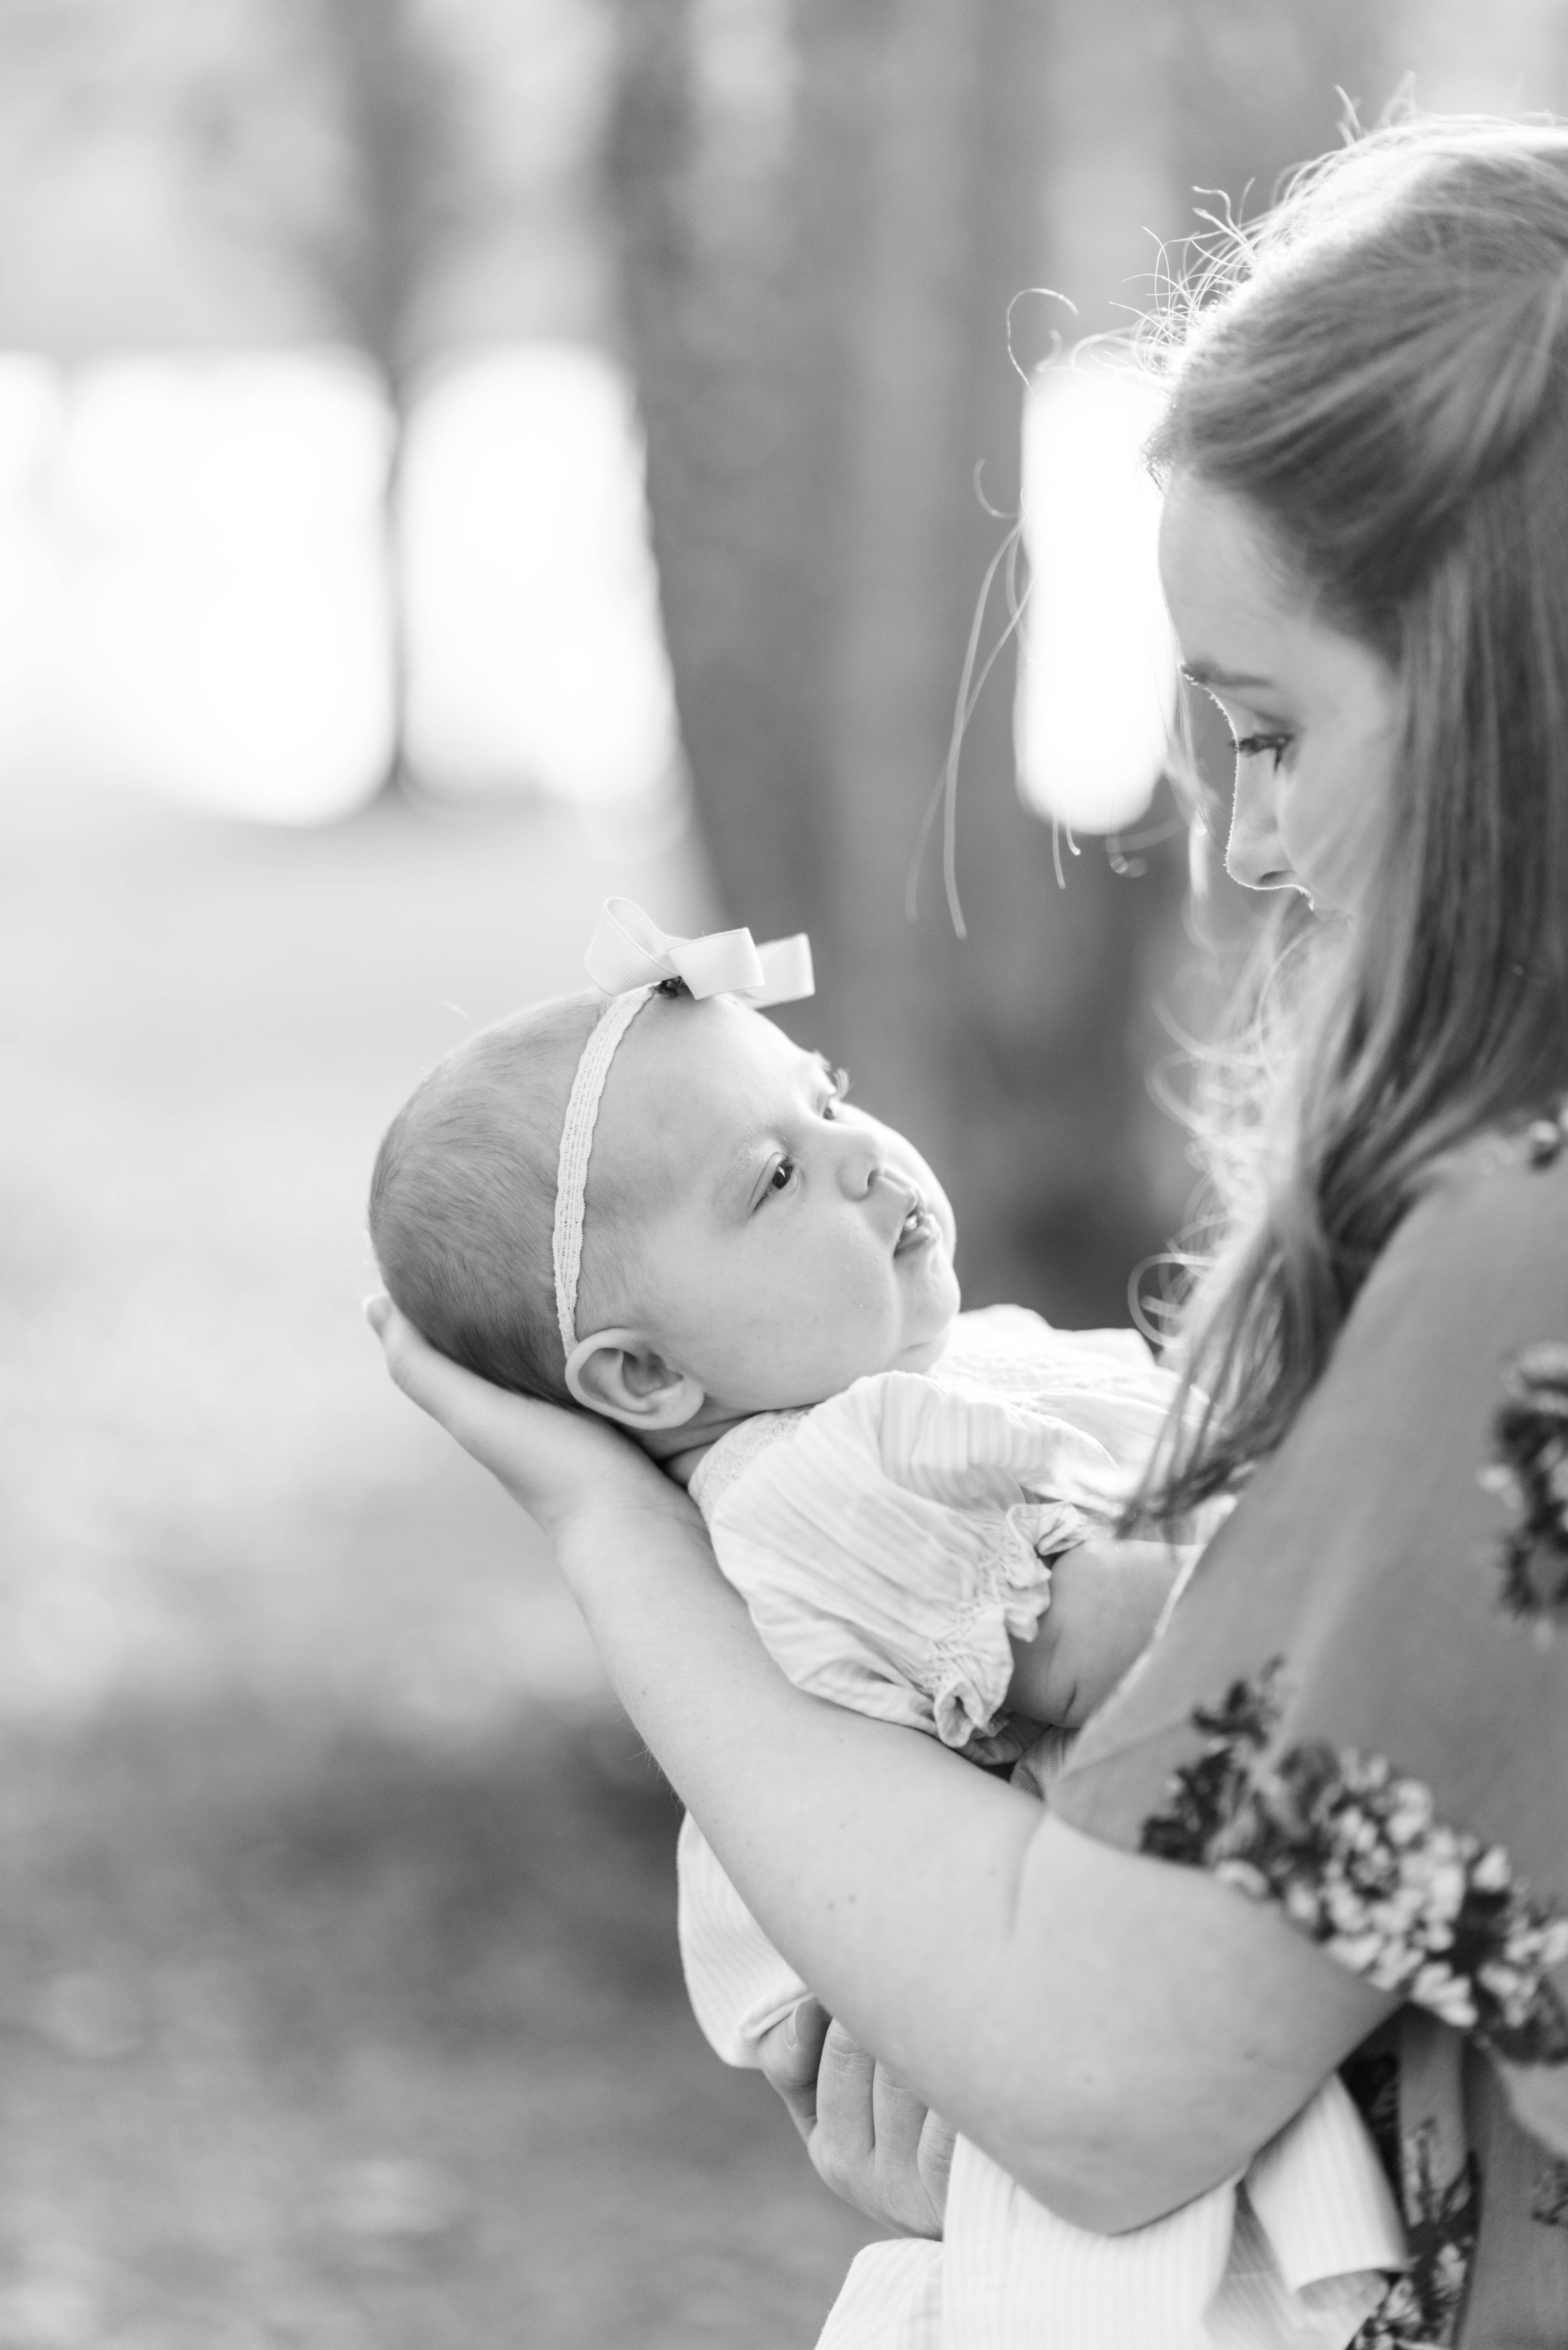 Bebek Bakıcısı Fiyatları Nasıldır ?